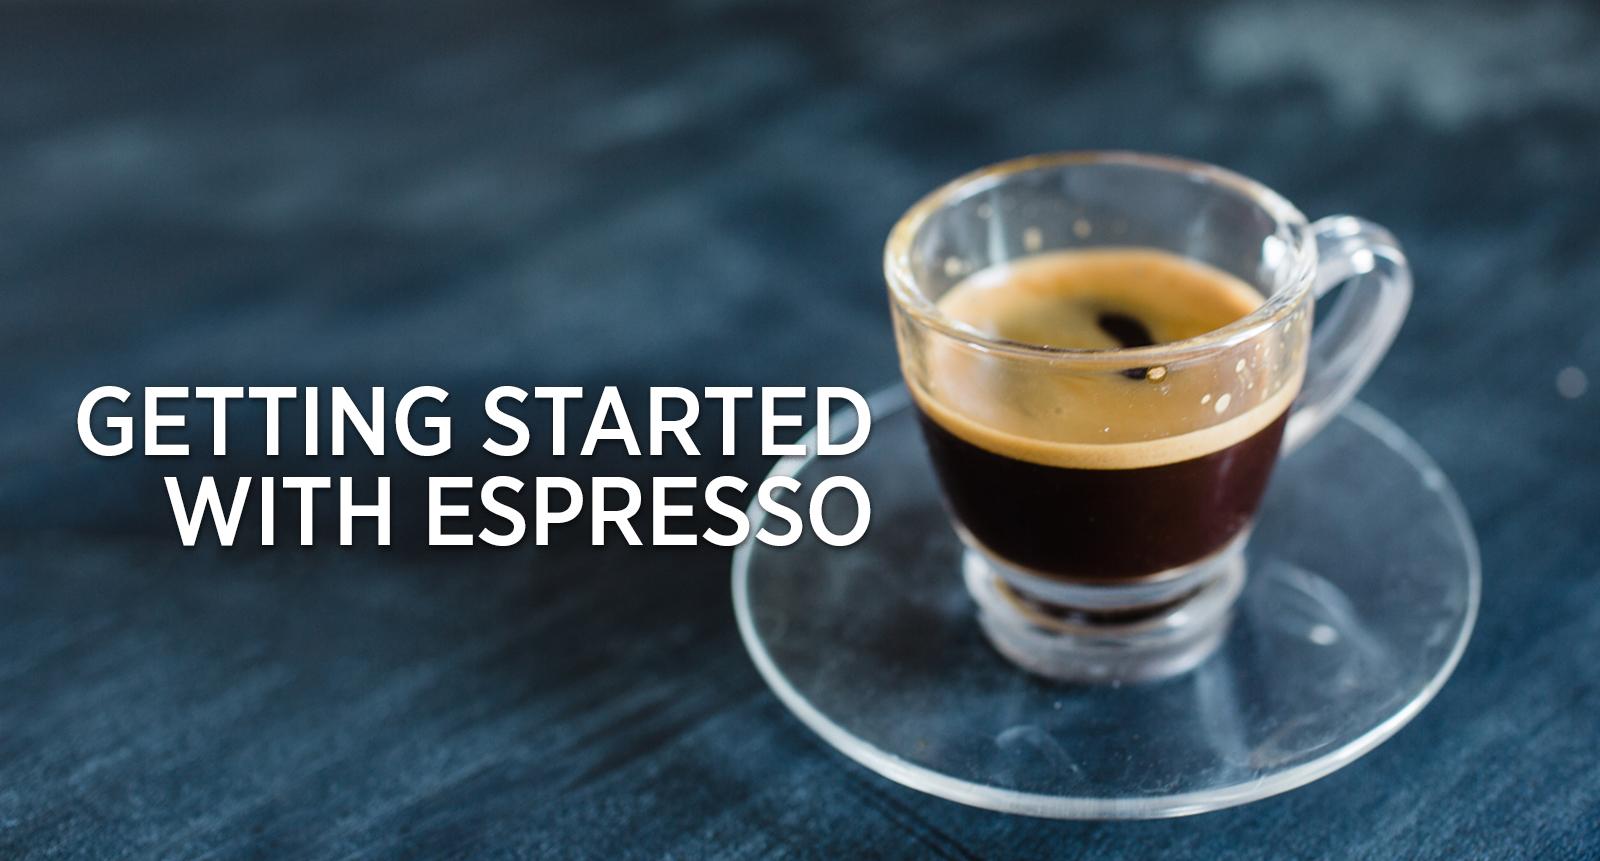 Espresso 101: How Do I Get Started with Espresso?